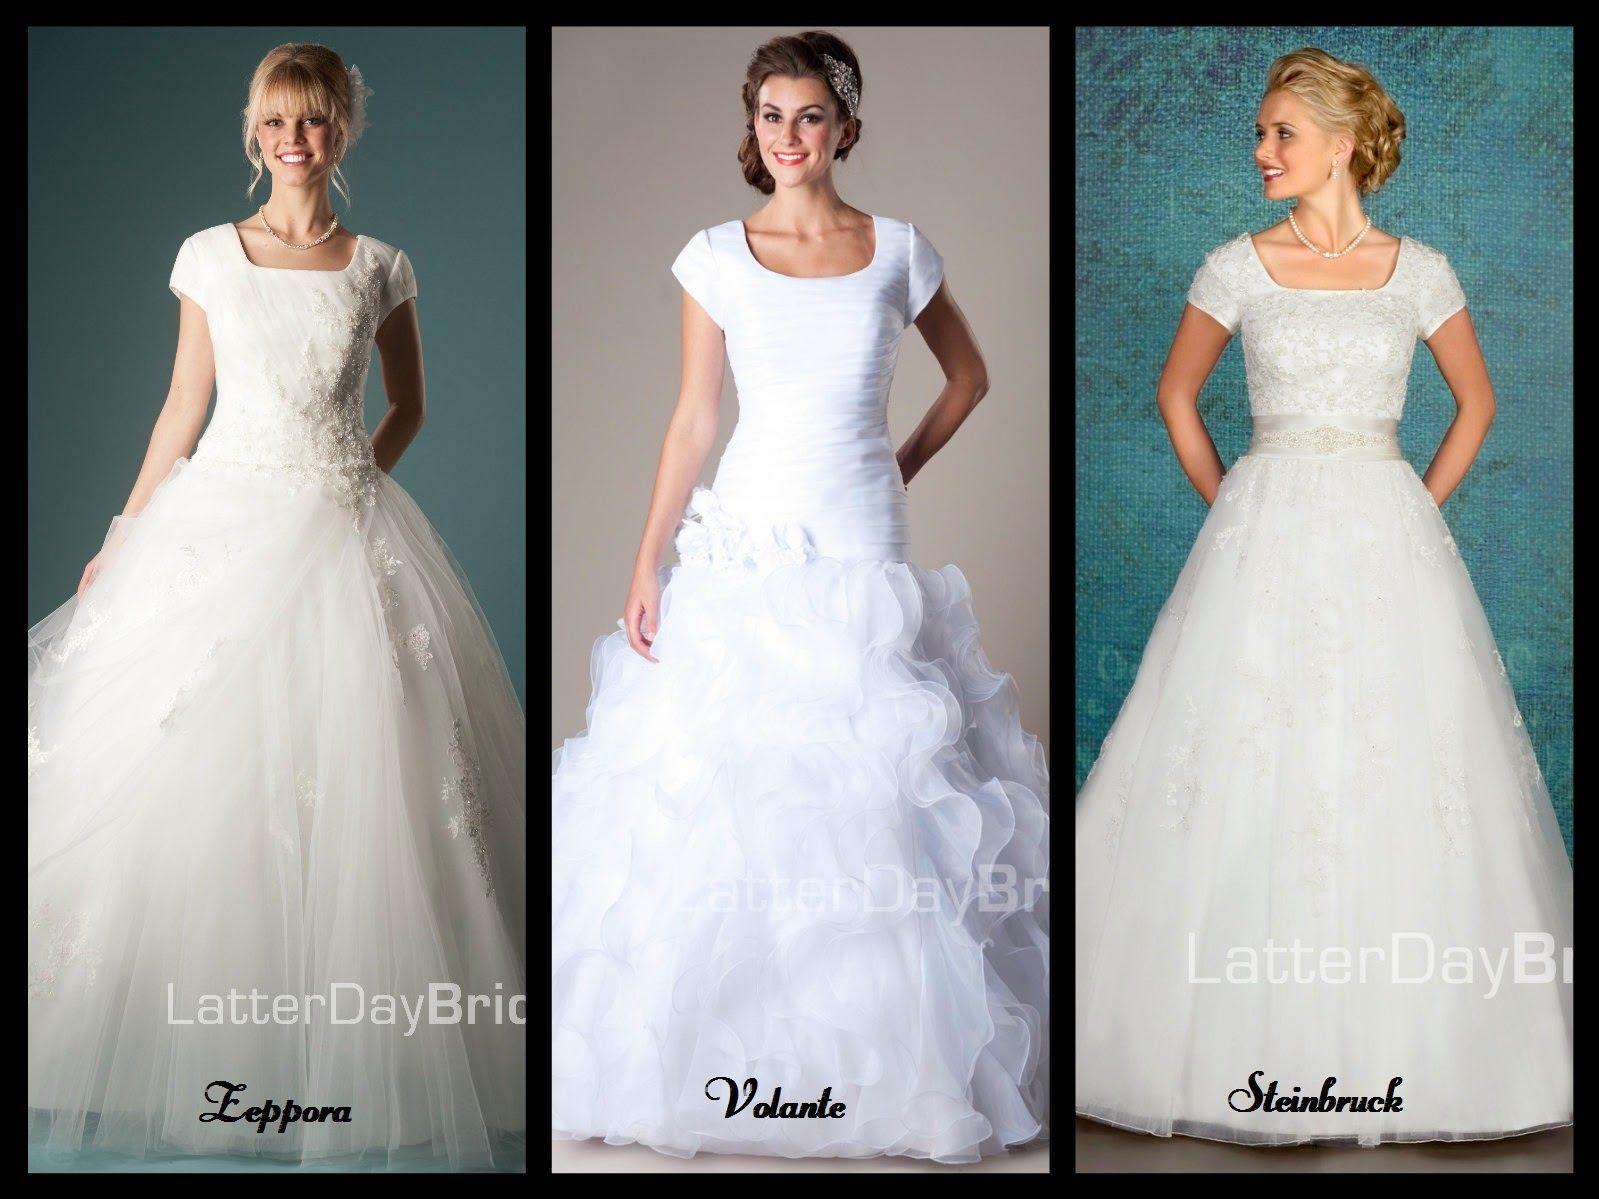 Pictures of jessa duggars wedding dress